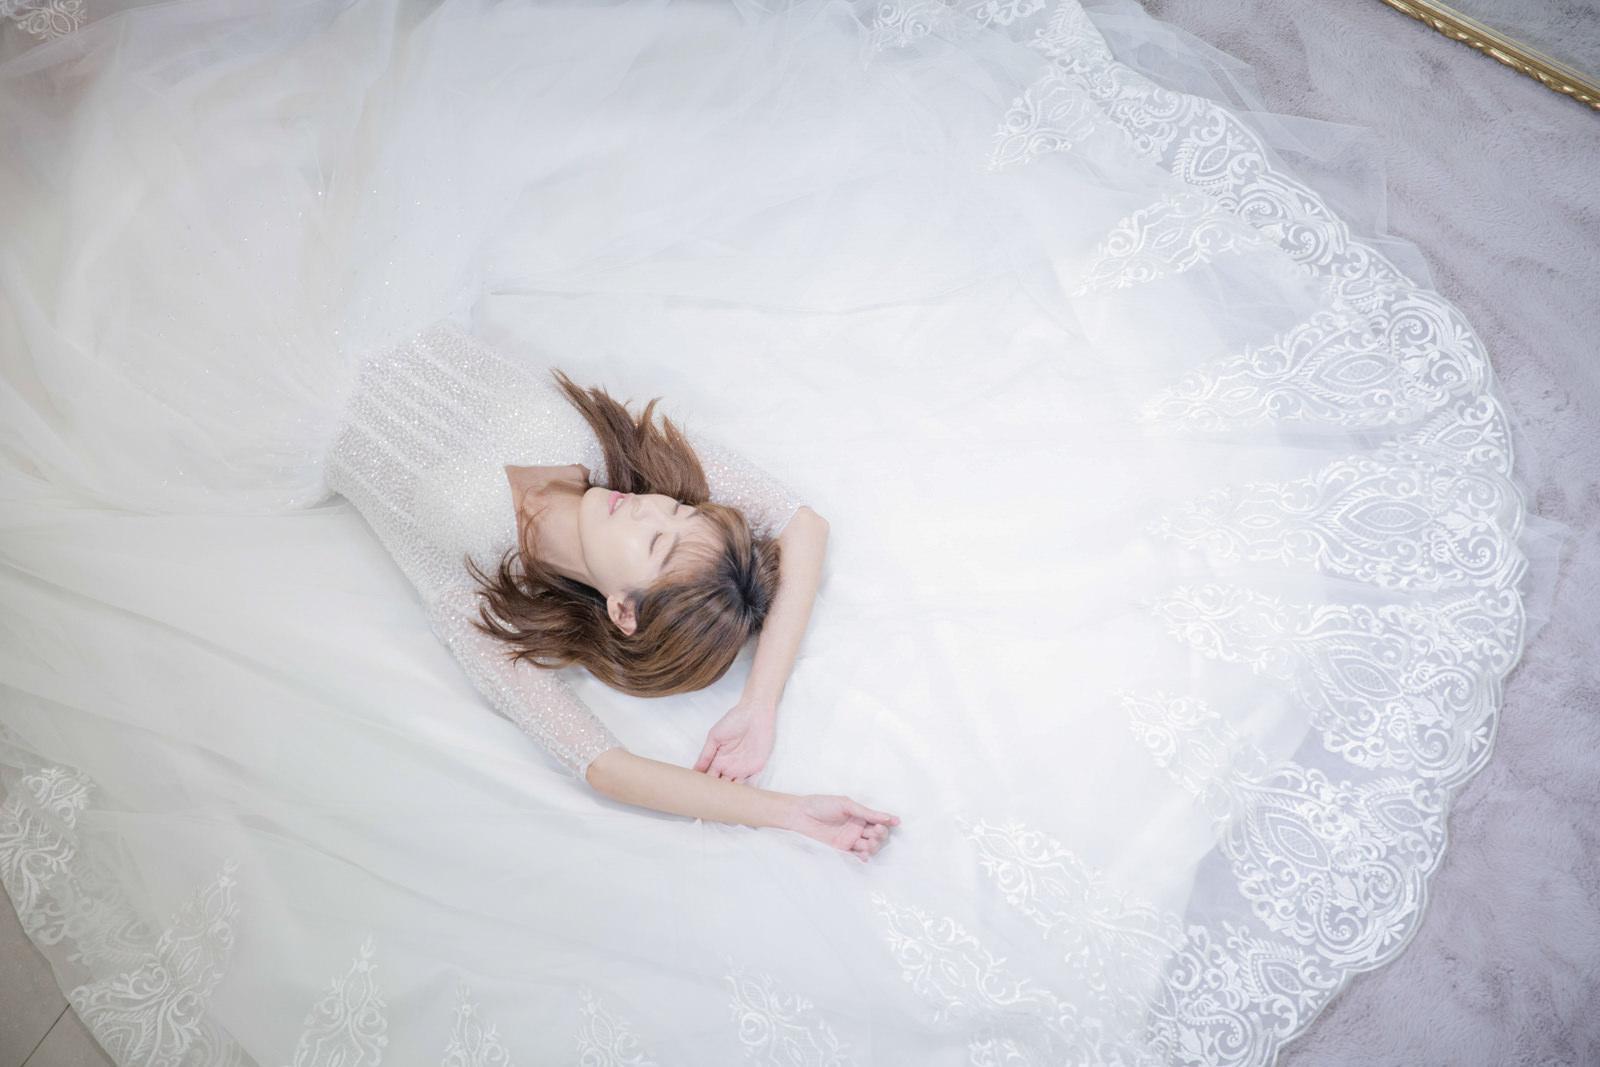 閨蜜婚紗寫真 高雄婚攝推薦 品戎 Photography、高雄新秘推薦 俐雅 Liya Stylist